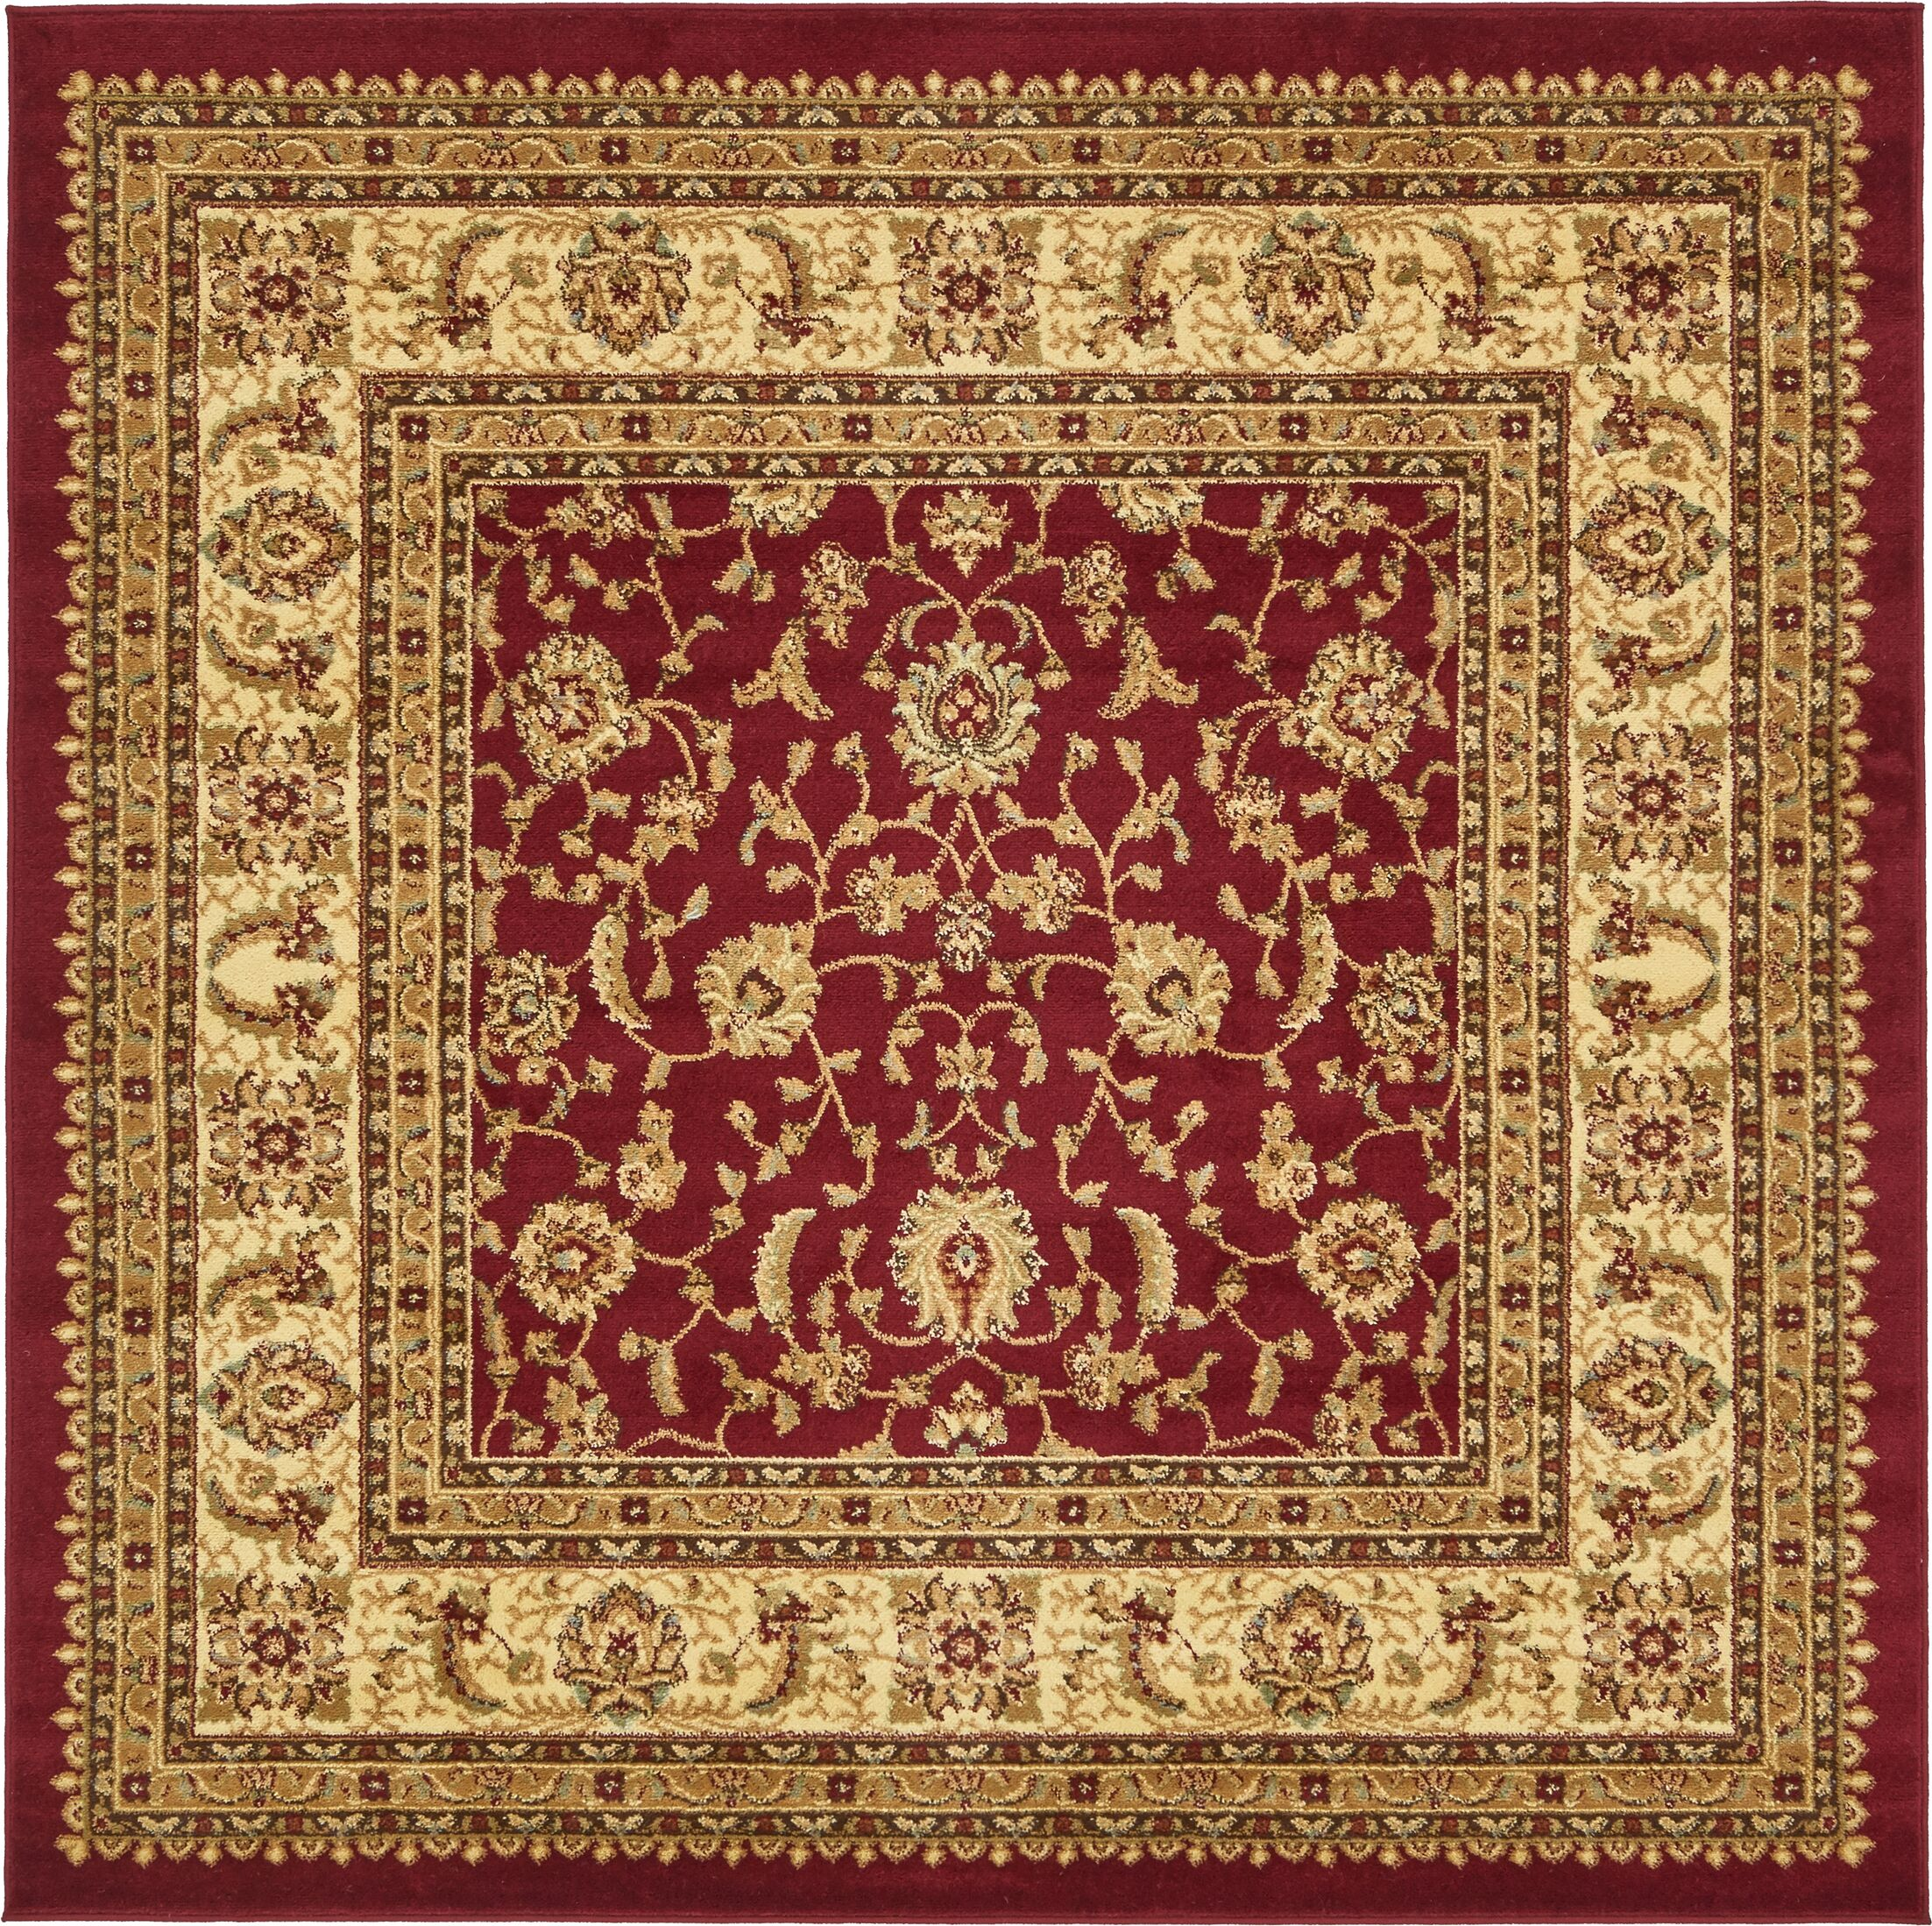 Fairmount Red/Cream Area Rug Rug Size: Square 6'